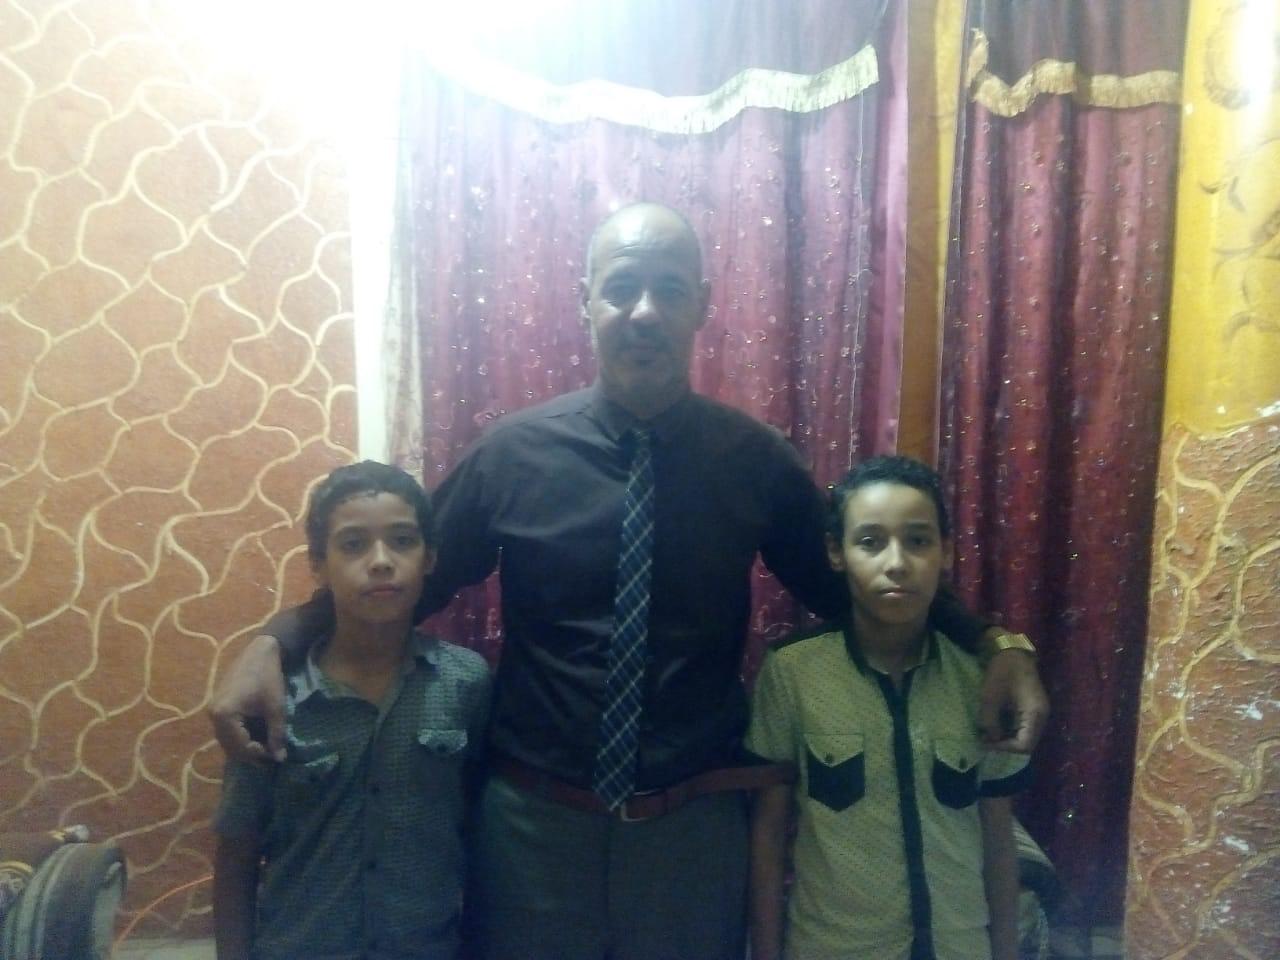 مدير مدرسه باسيوط ينظف الحمامات (6)